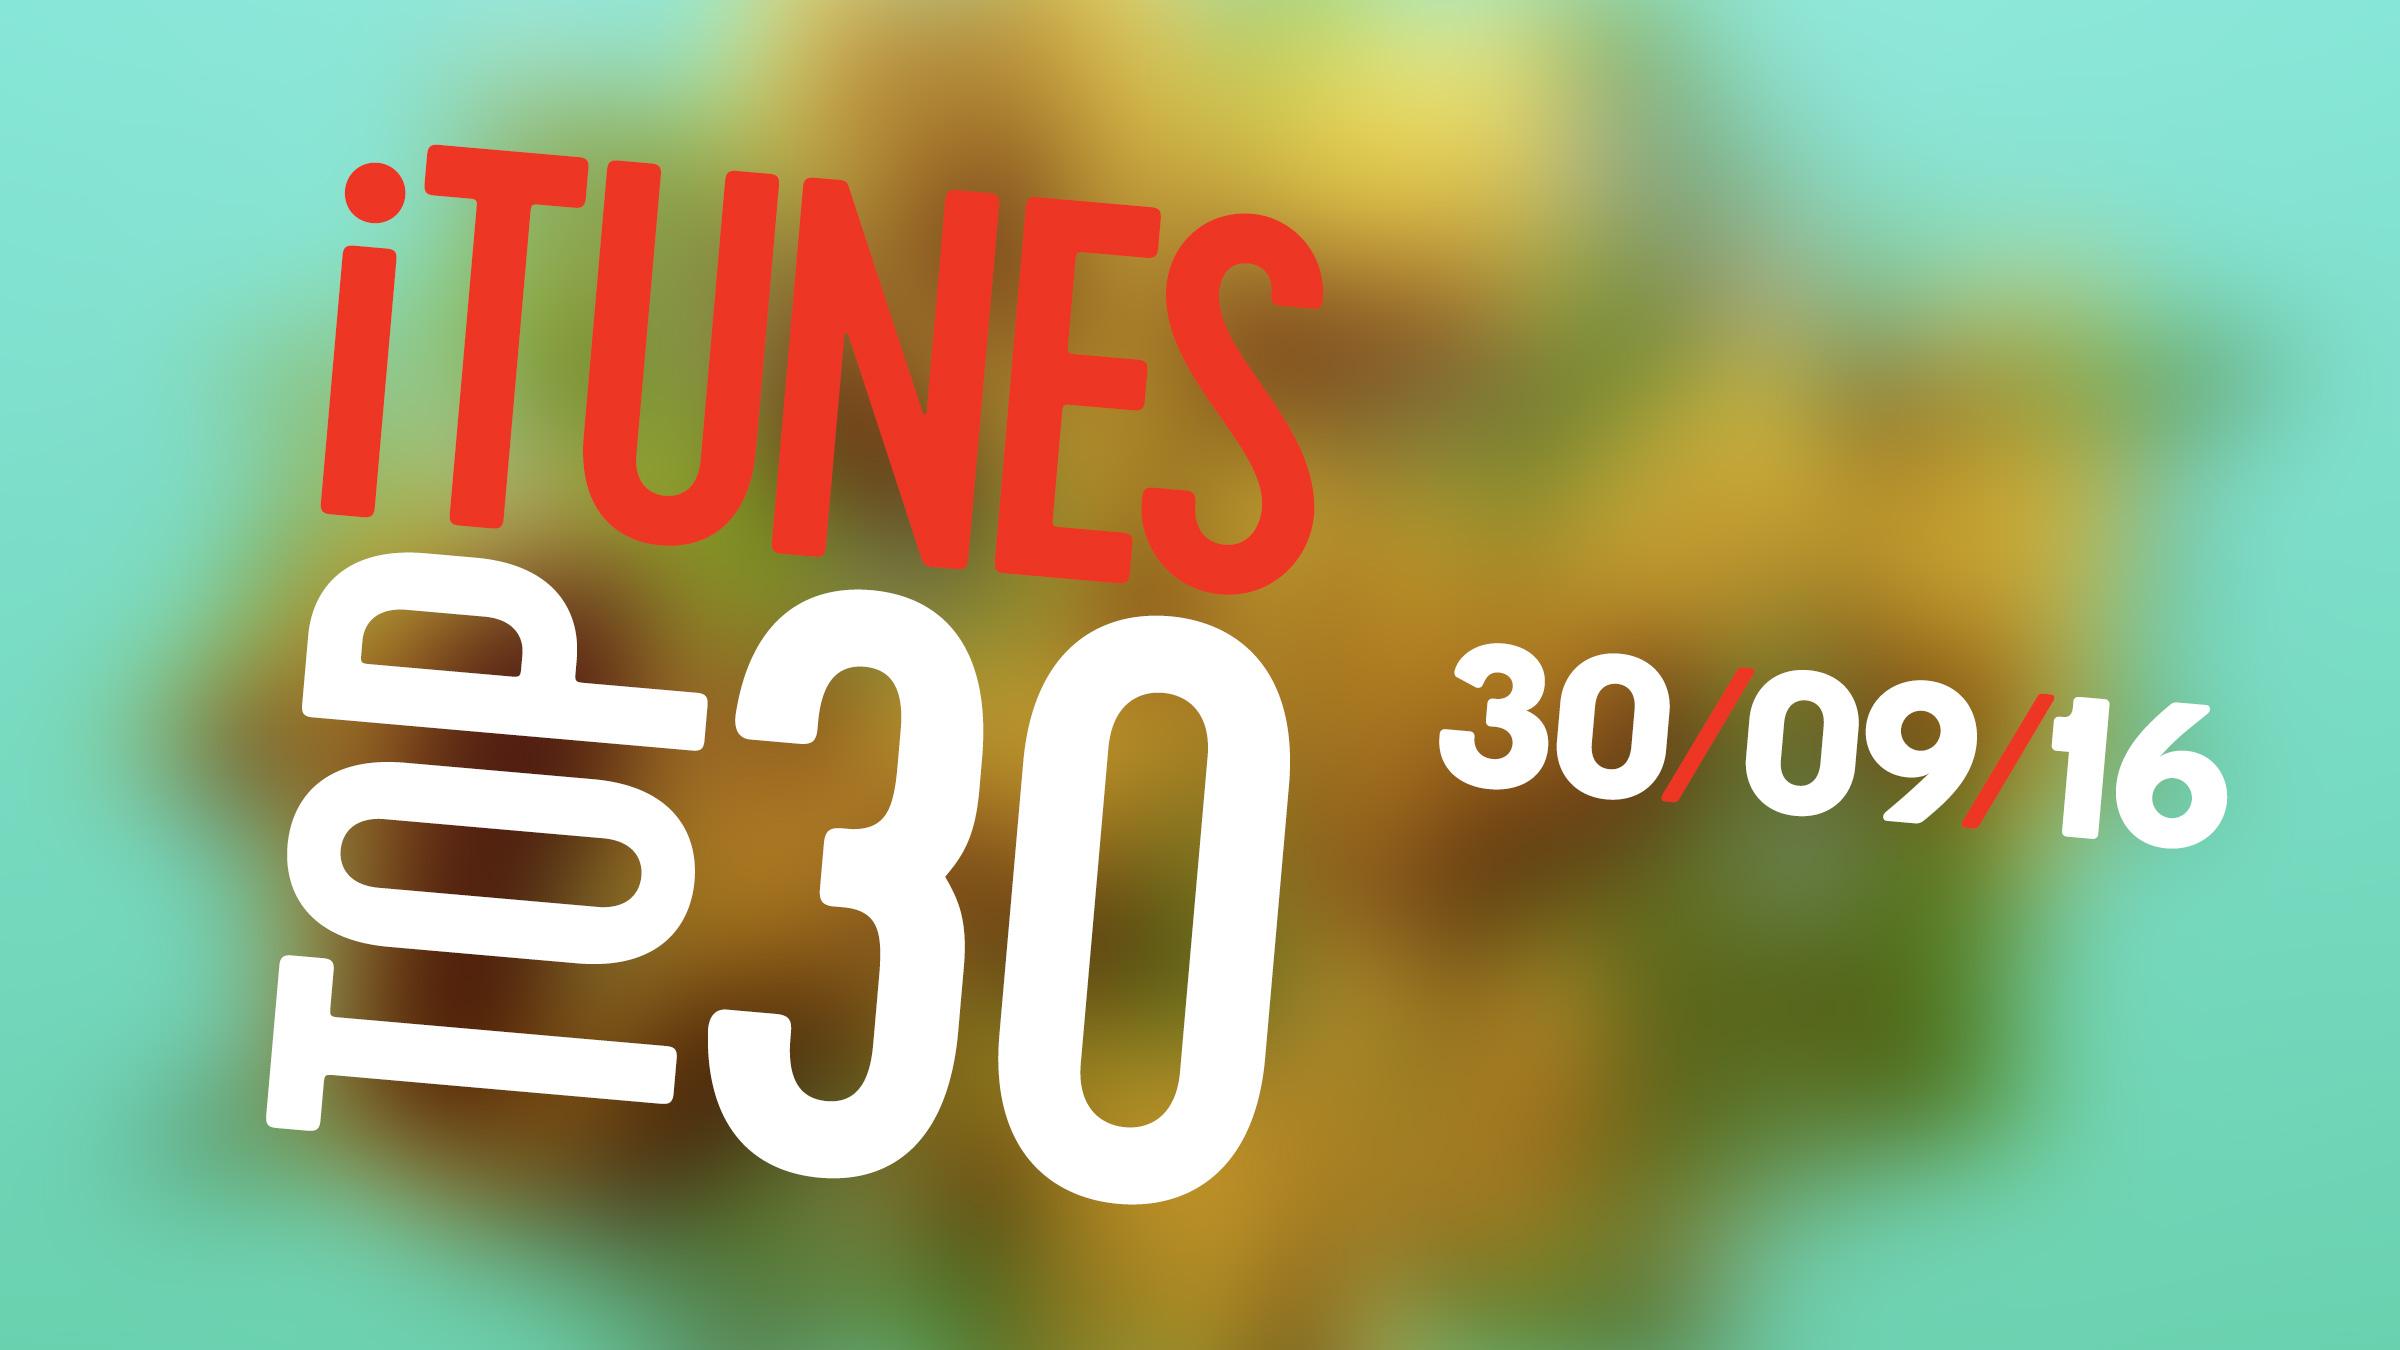 Qmusic teaser itunestop30 300916